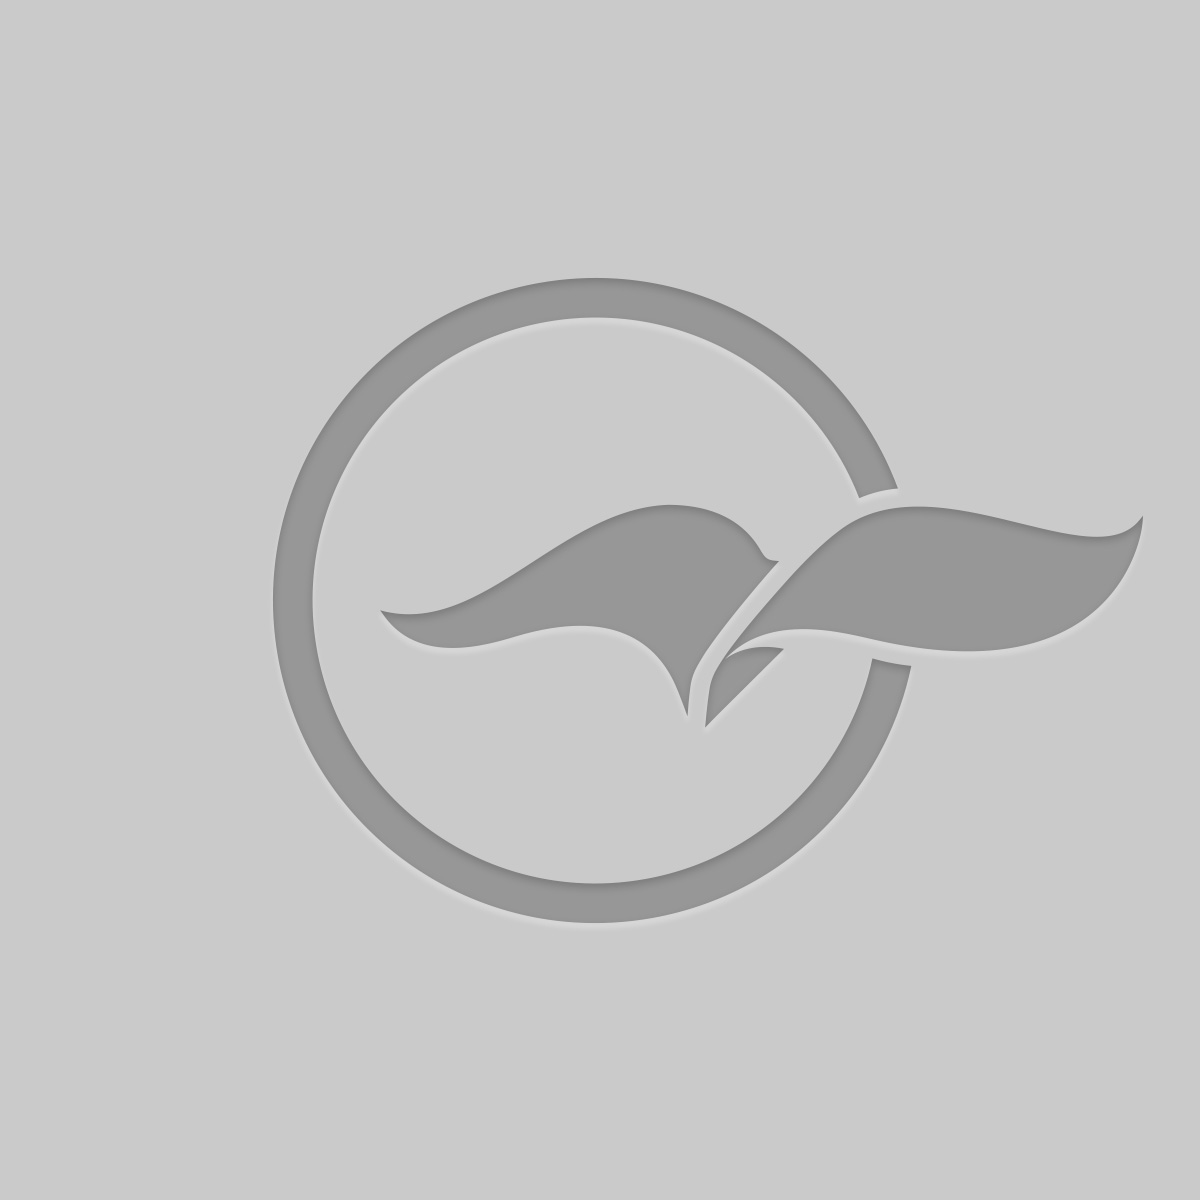 ഭോപ്പാൽ ഏറ്റുമുട്ടൽ: 40 ലക്ഷം പാരിതോഷികം ദൃക്സാക്ഷികളെ നിശബ്ദരാക്കാൻ